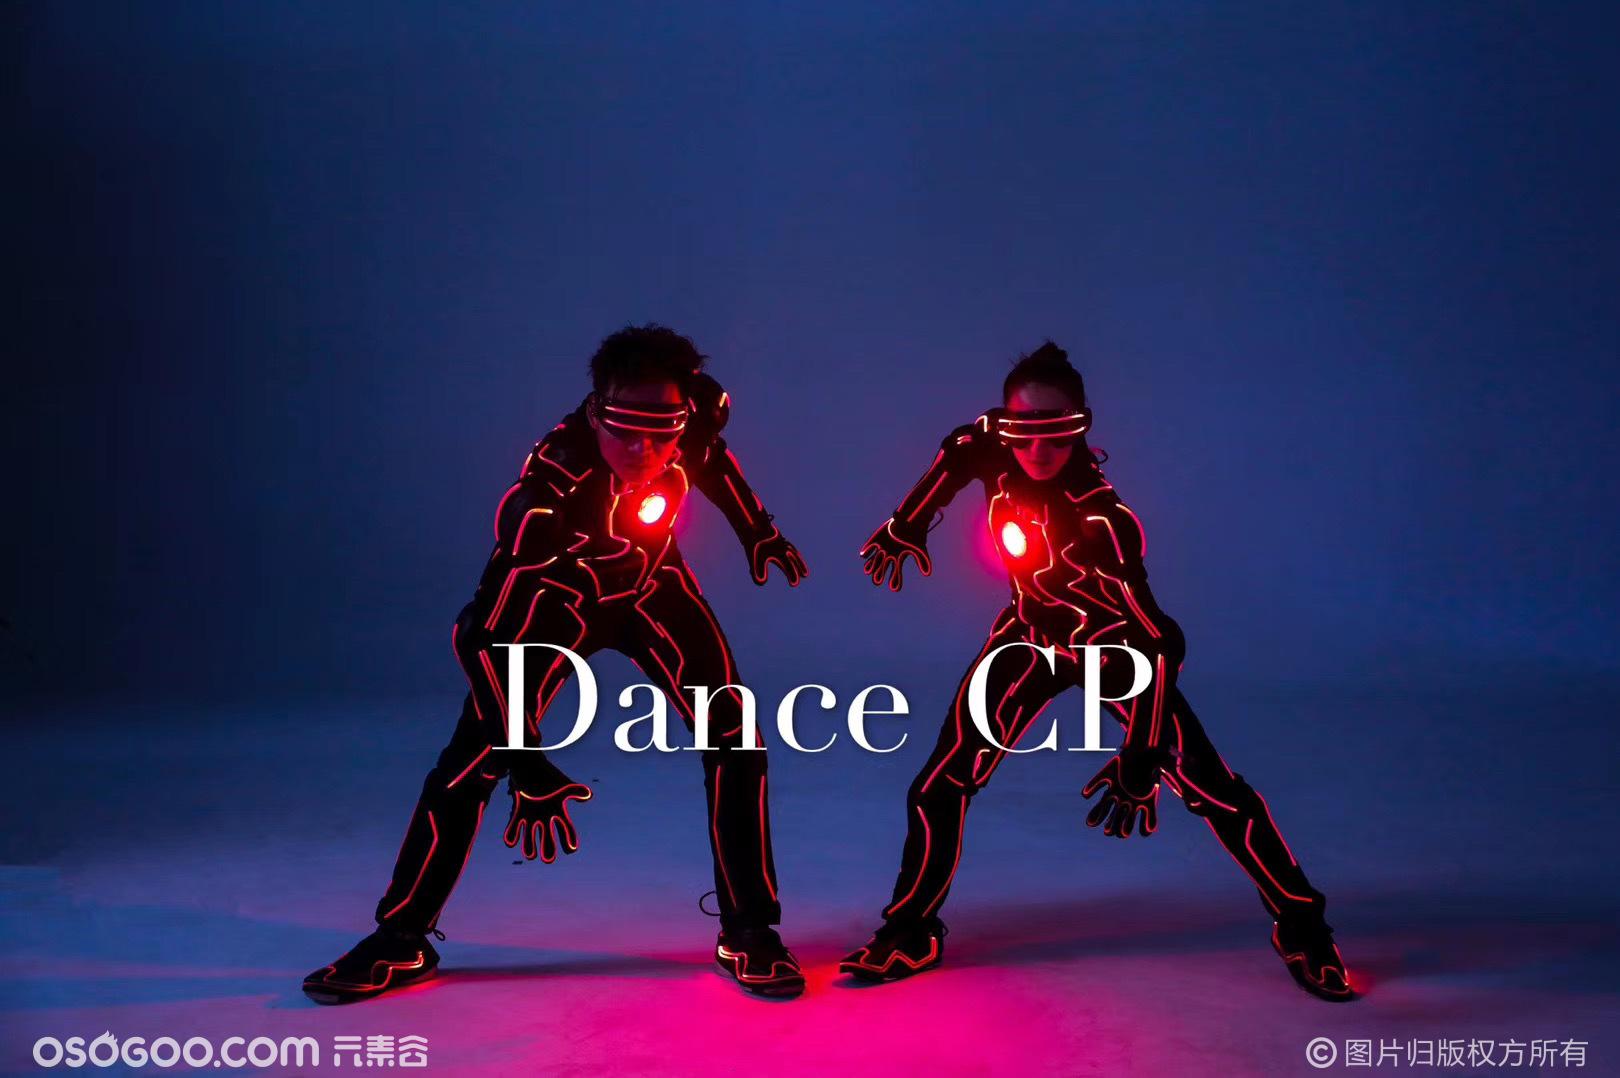 钢铁侠机器舞 无人机共舞 晚会灯光秀